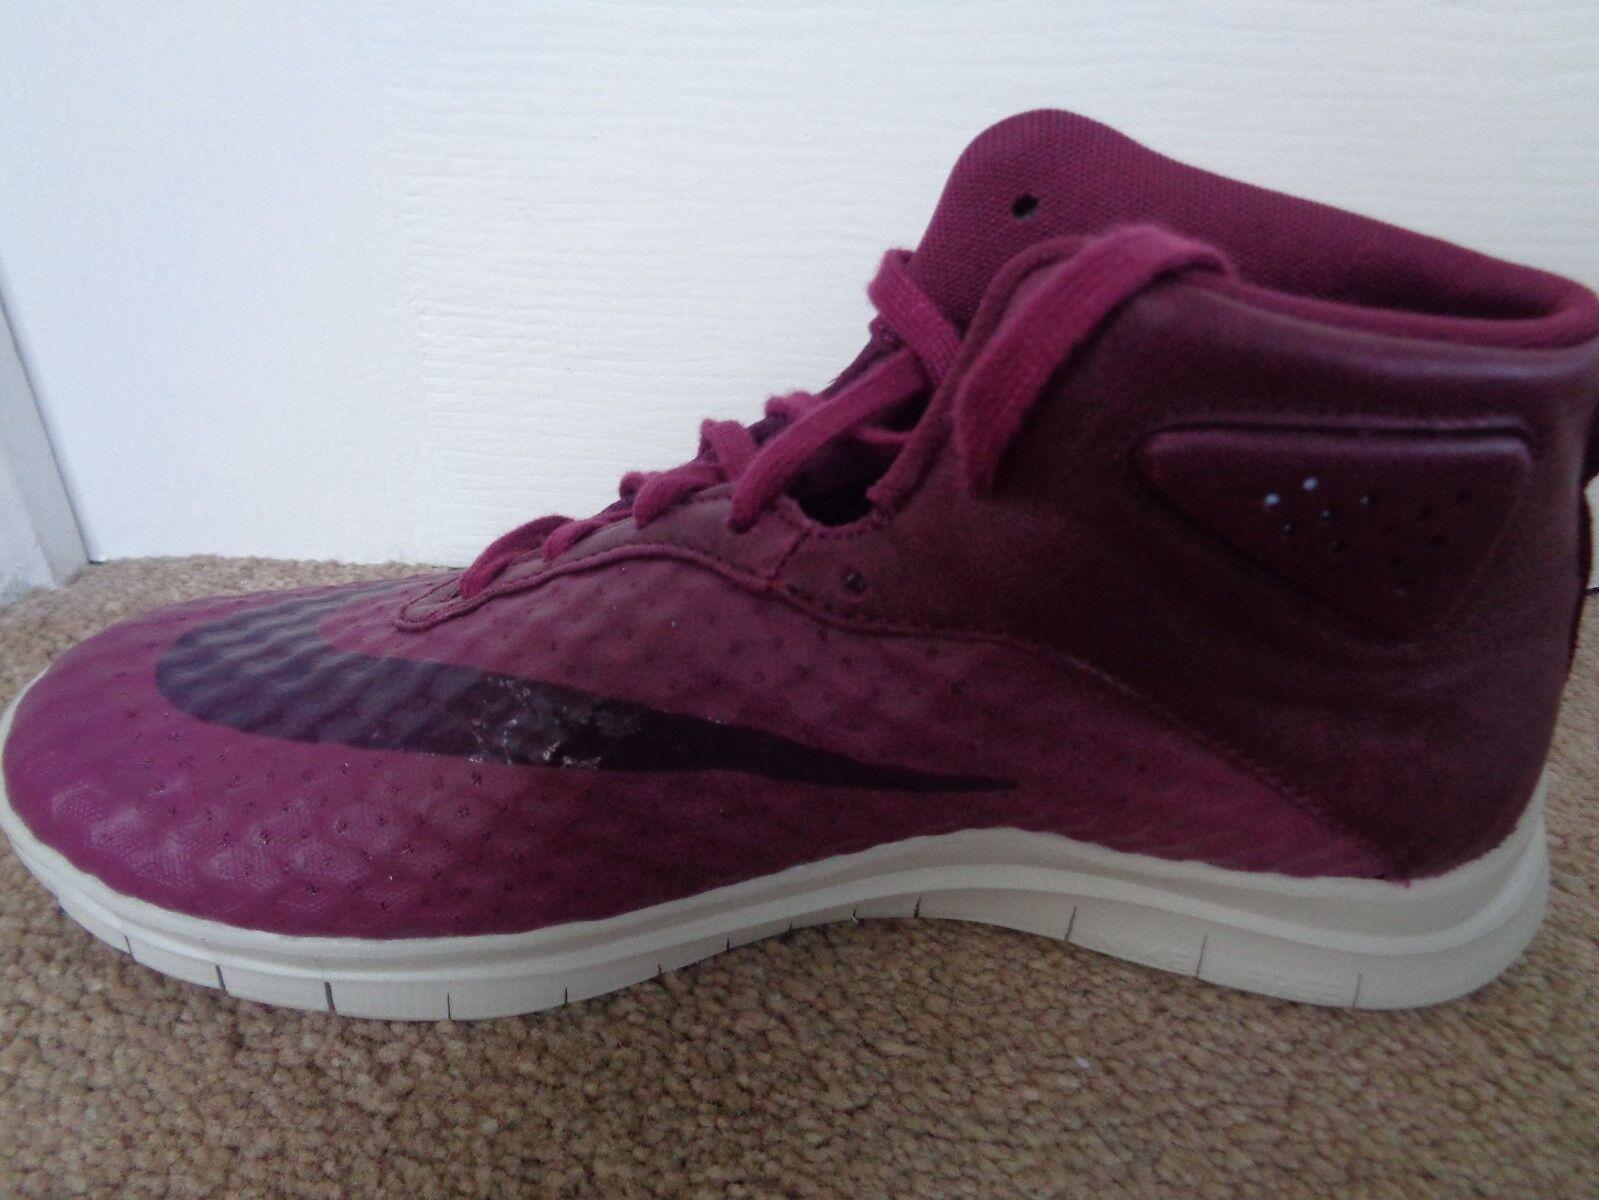 Nike Hypervenom Mid Uomo Da Uomo Mid Free Scarpe Ginnastica 705496 600 Nuovo + Scatola 3a4f7f